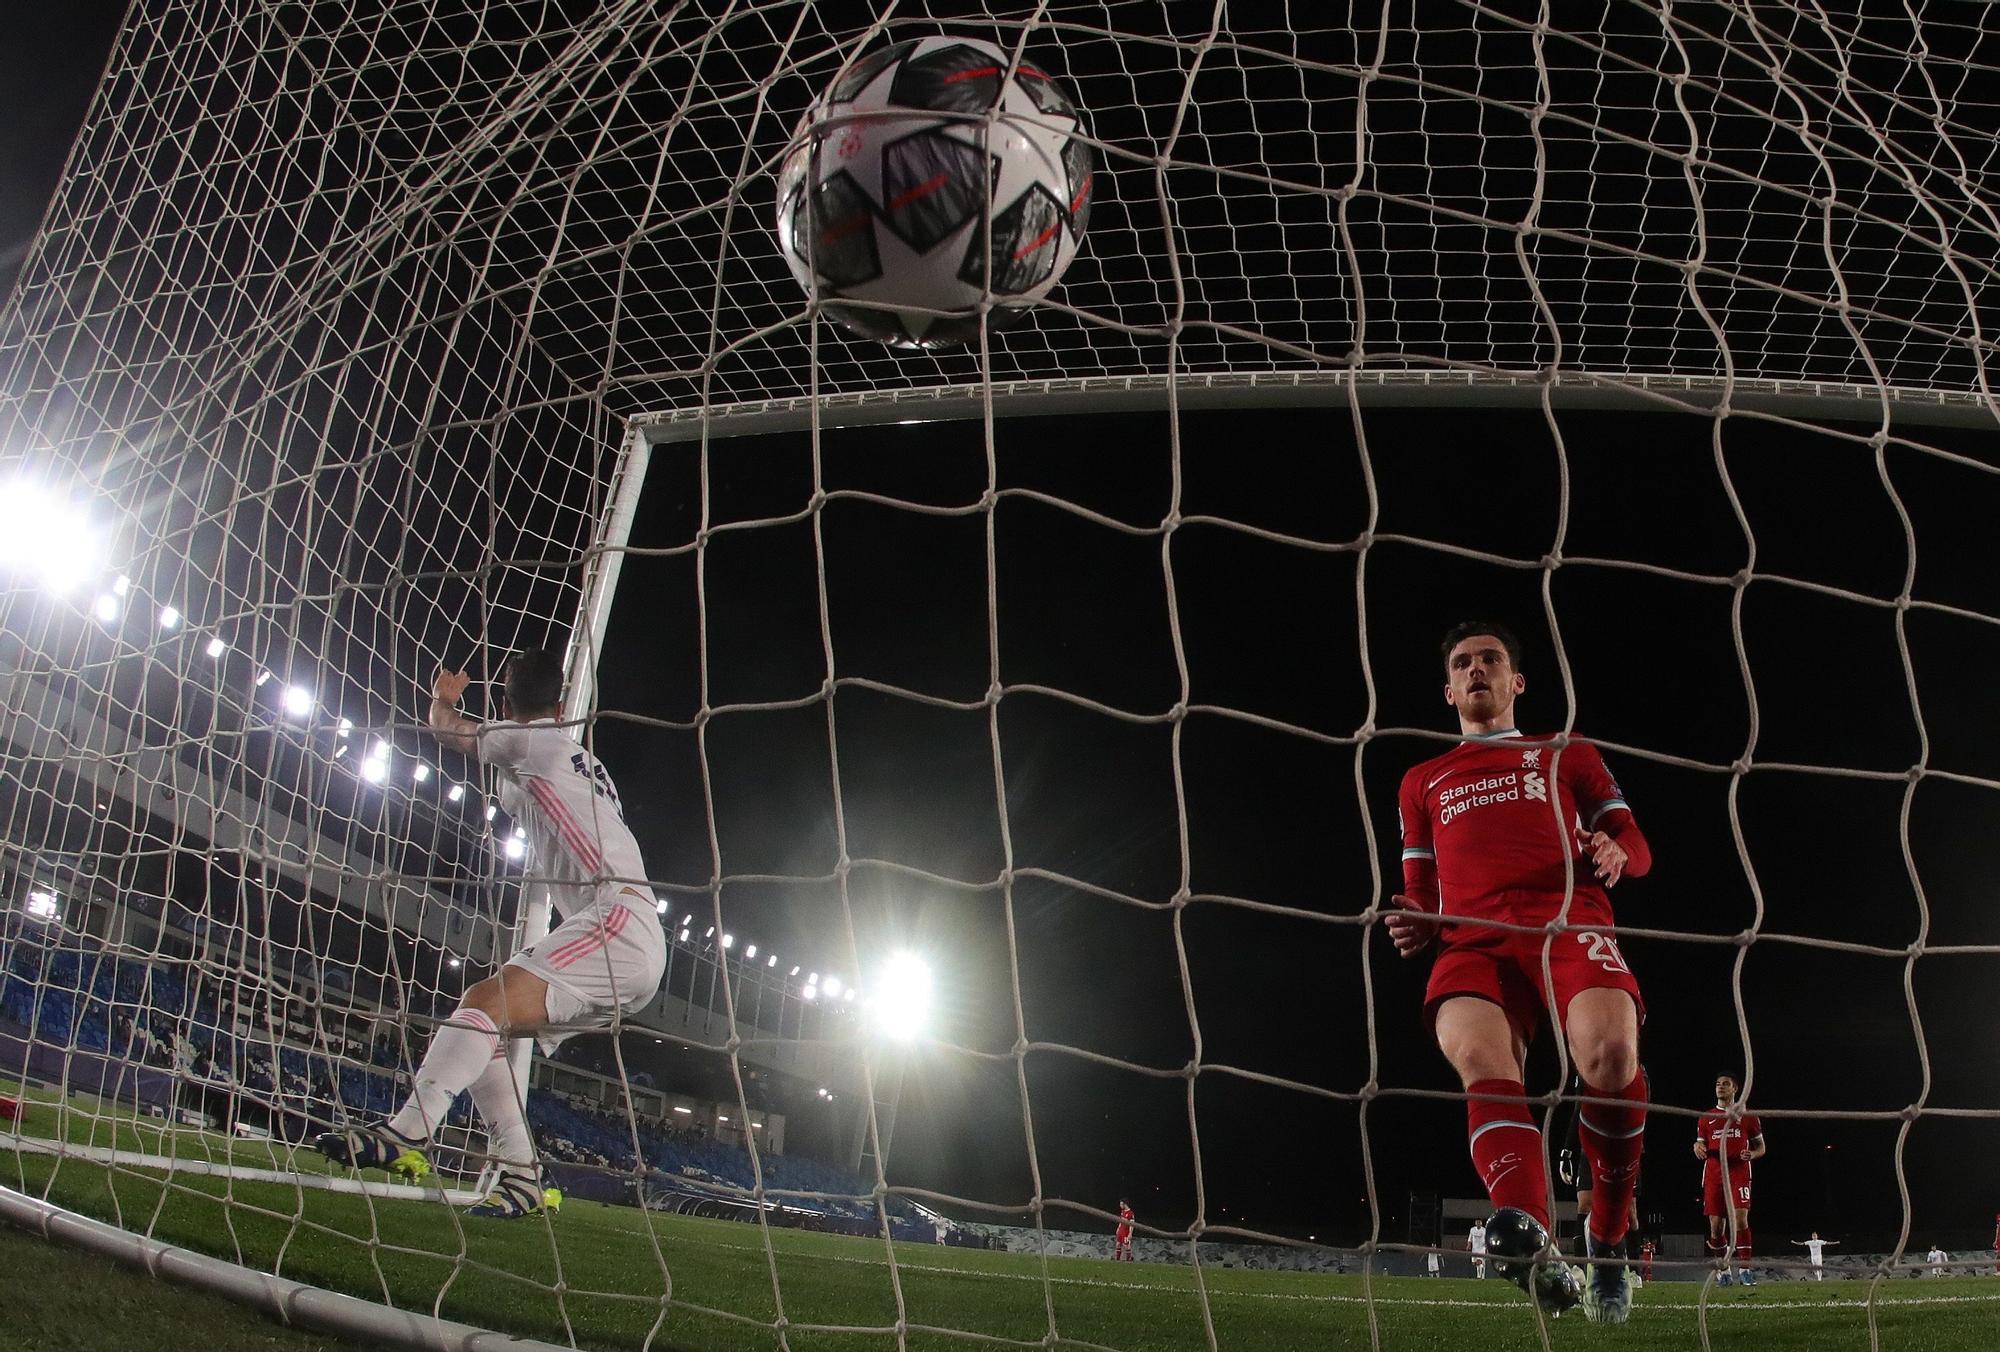 El centrocampista del Real Madrid Marco Asensio anota ante el Liverpool durante el partido de cuartos de final de Liga de Campeones. EFE